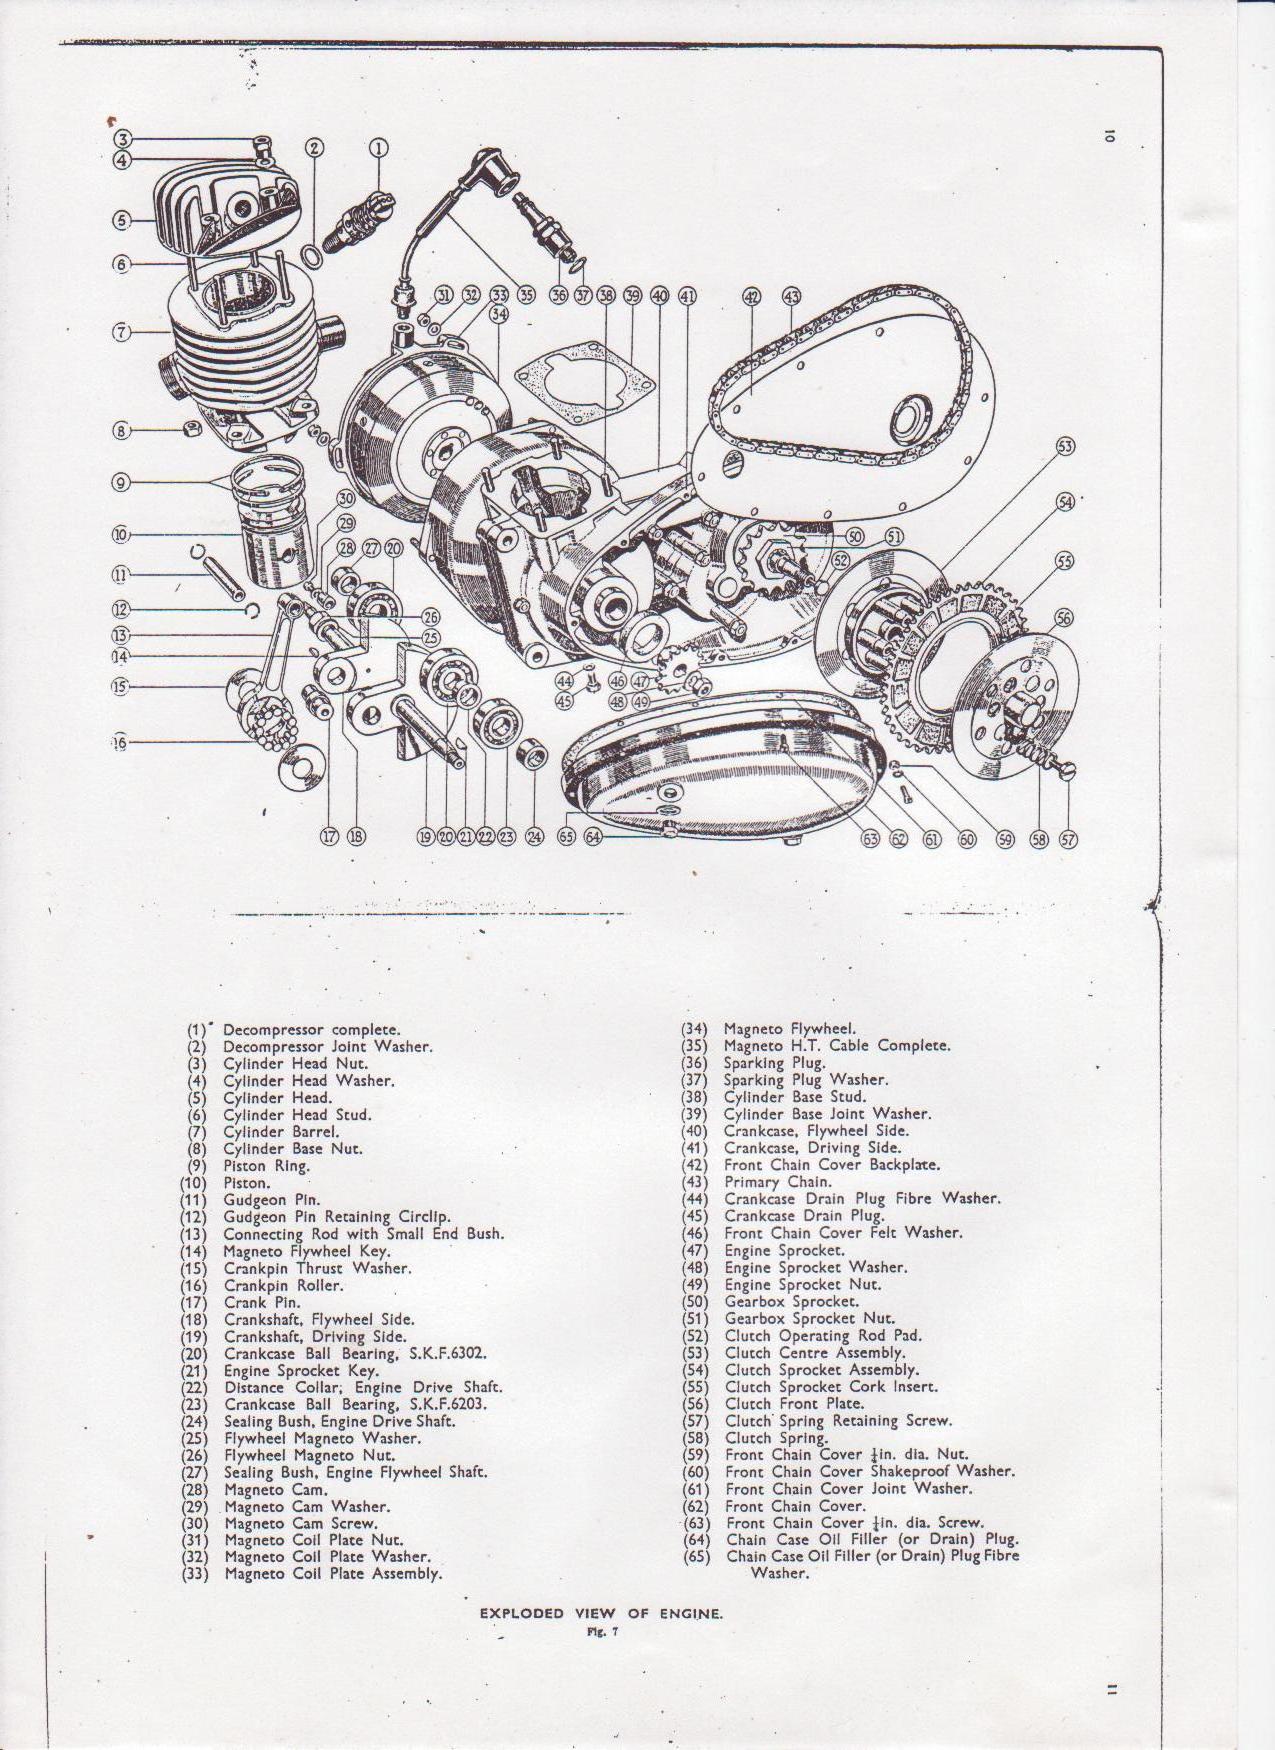 Triumph Werkstatthandbuch Download Motorrad Bild Idee